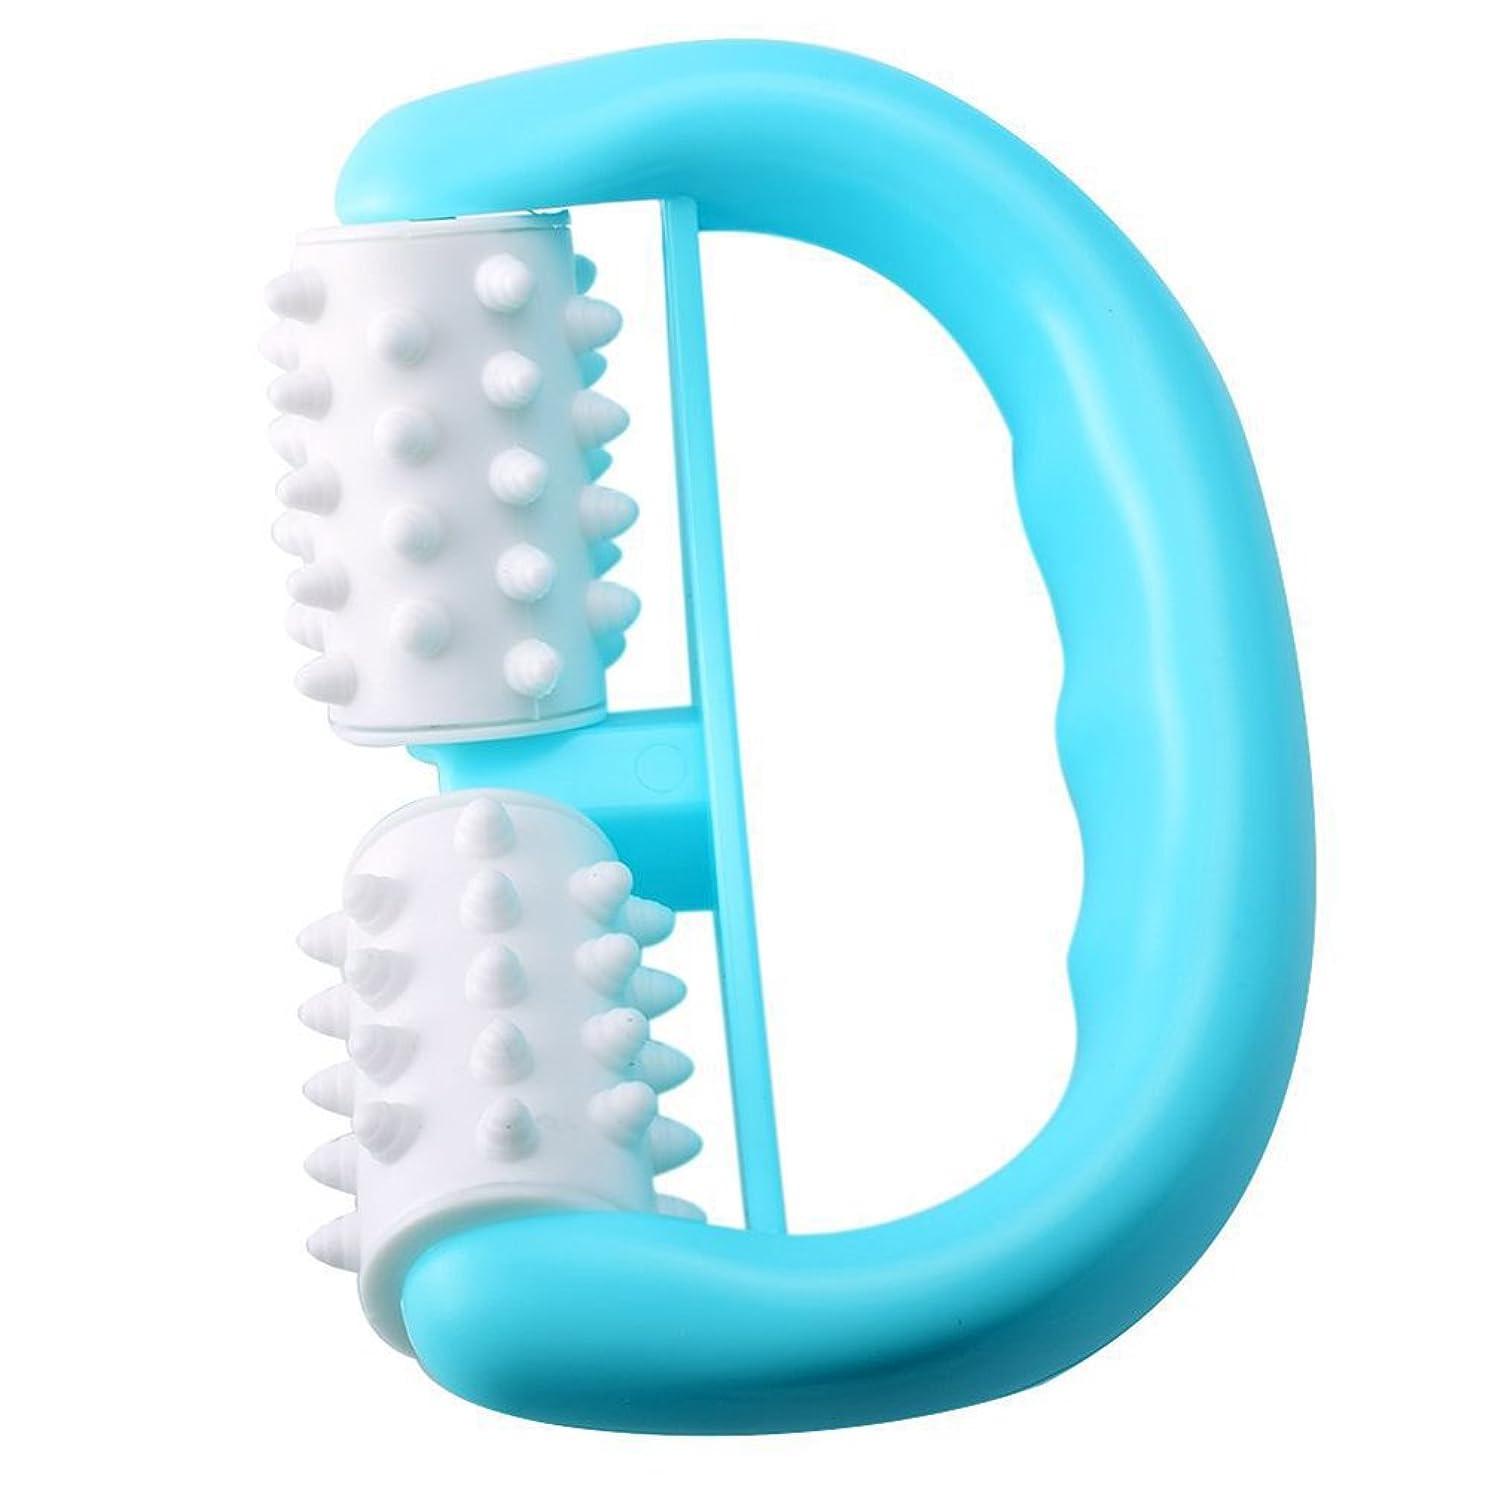 損なう故国膨らみROSENICE セルライトマッサージャー深部組織筋筋肉解放ツールボディセラピーマッサージファットブラスター(青)